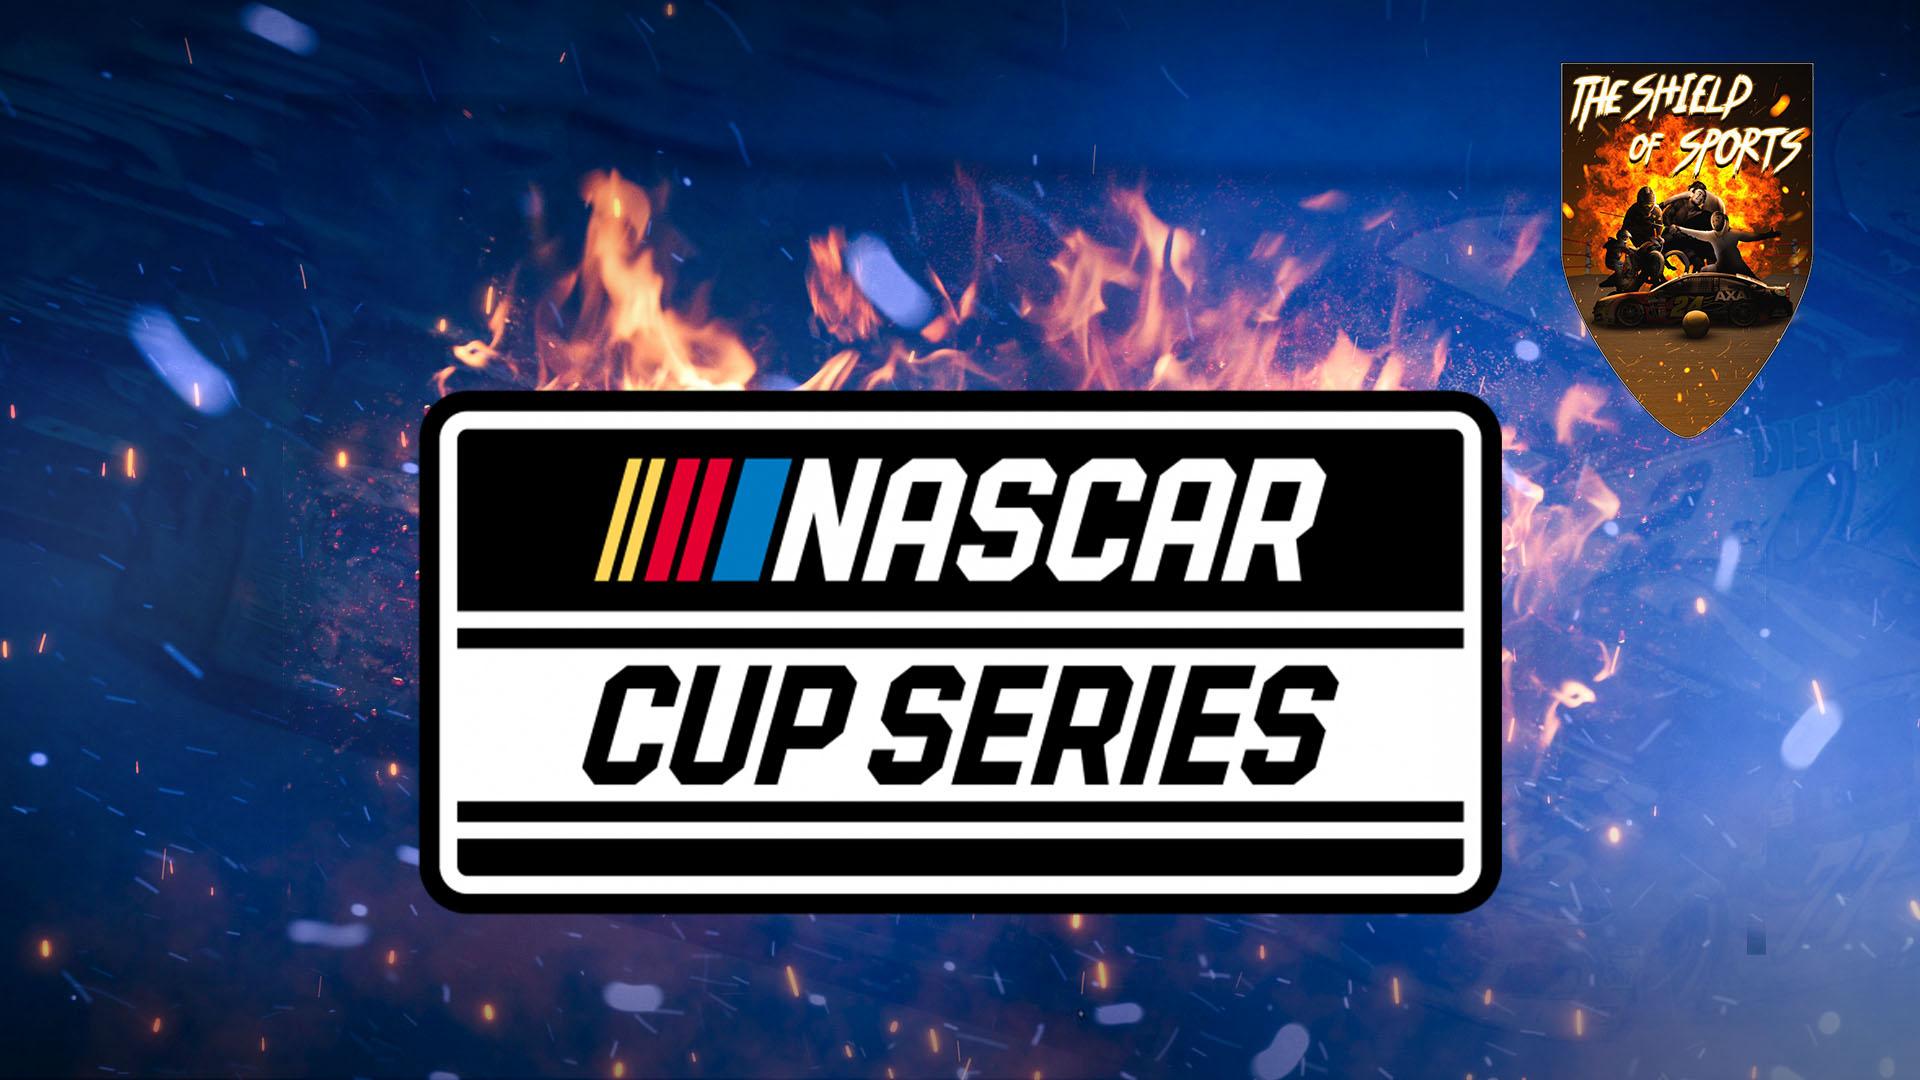 NASCAR annuncia gli orari e dove vedere la Cup Series 2021 in Italia